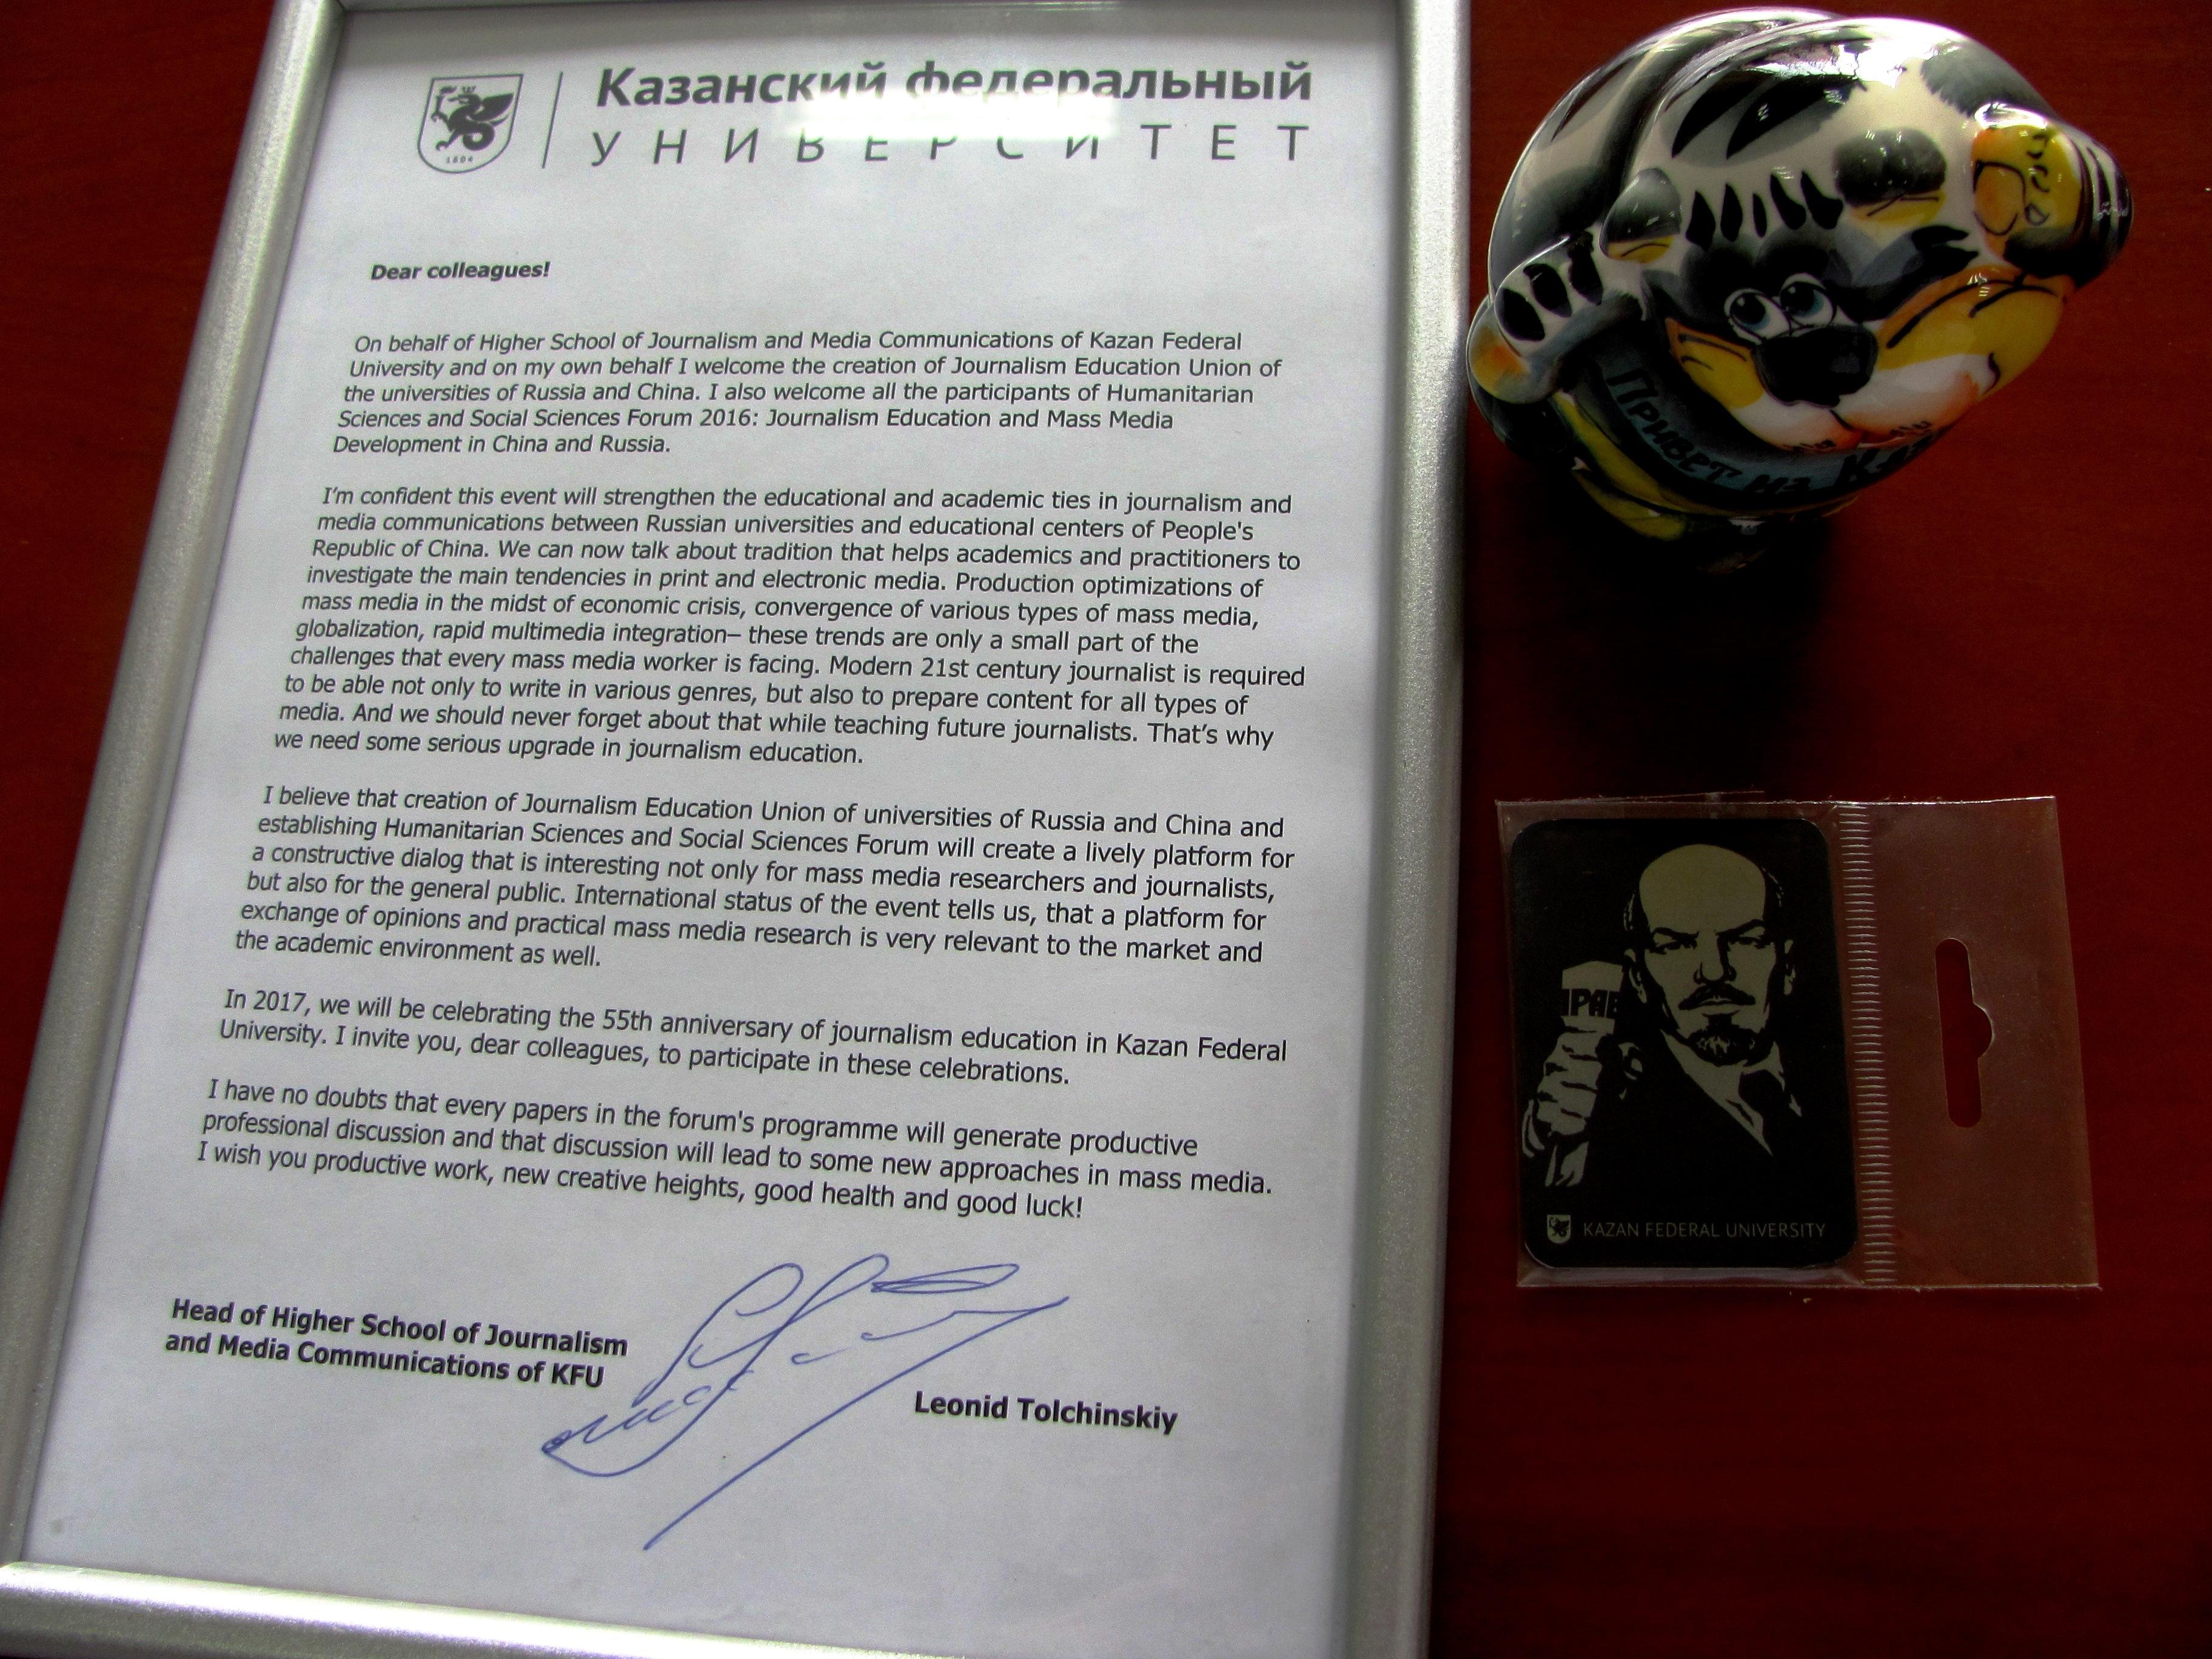 Письмо директора Высшей школы журналистики и медиакоммуникаций КФУ и памятные сувениры из Казани